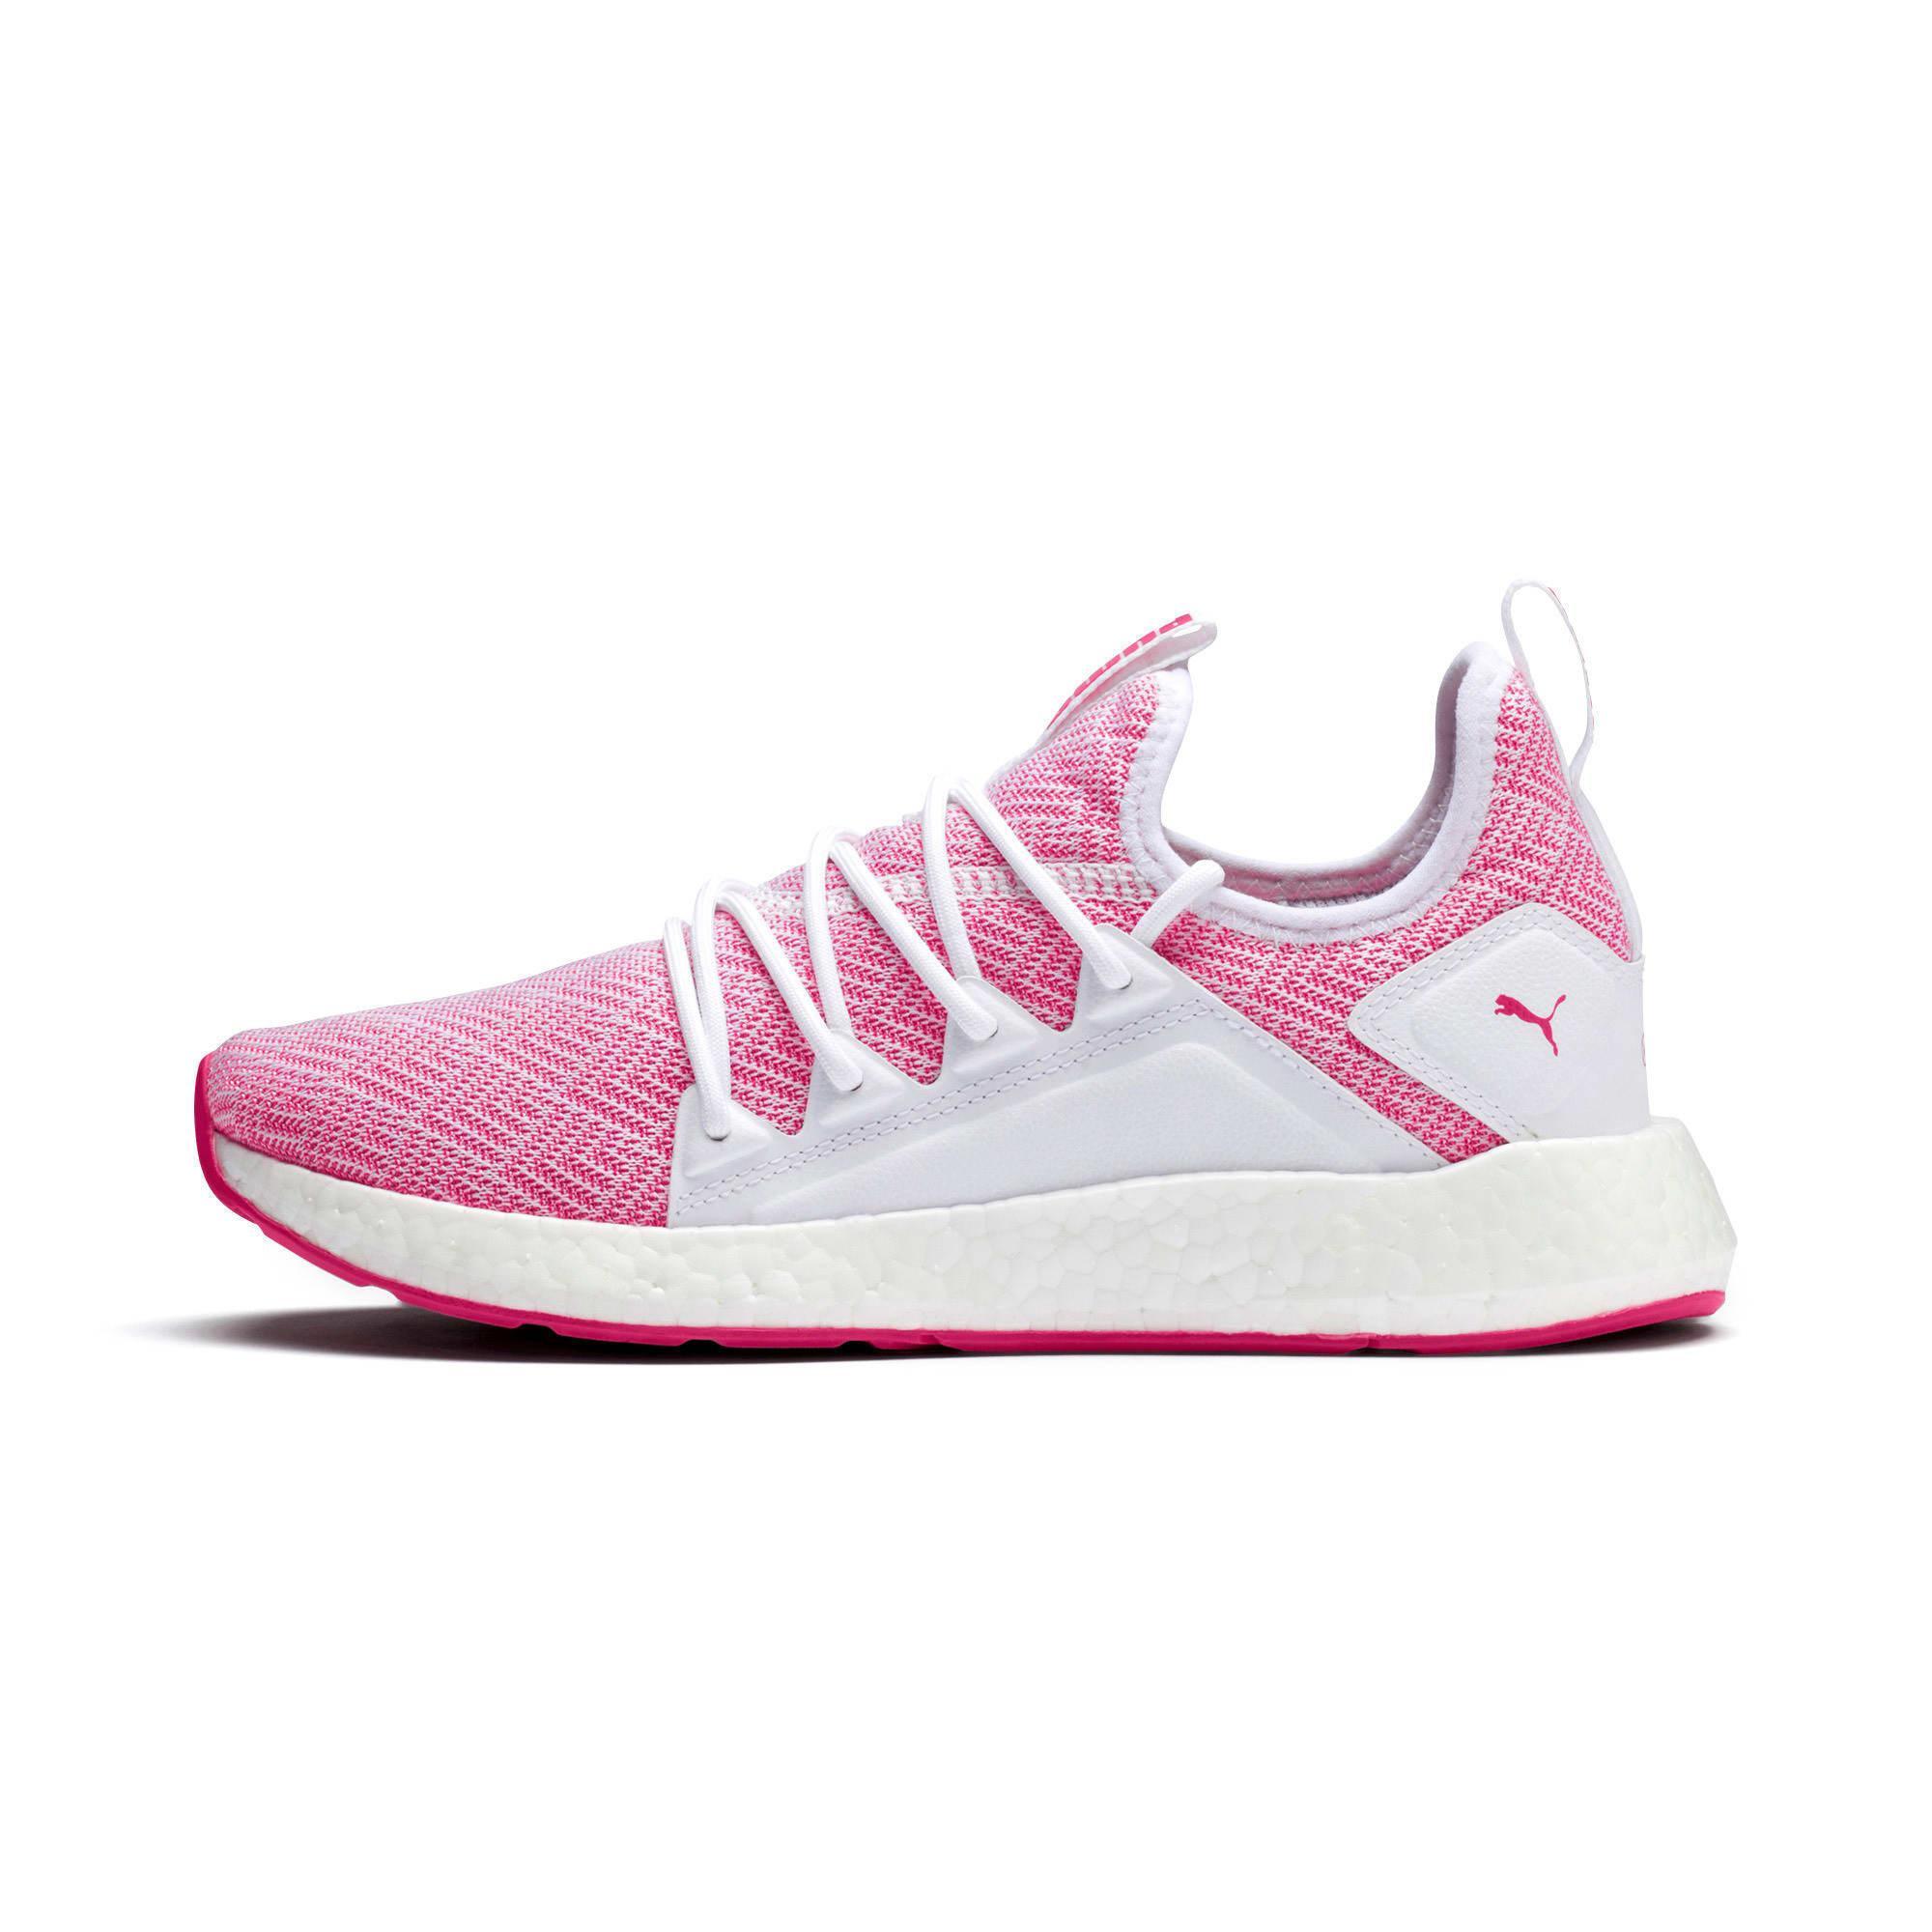 Thumbnail 1 of NRGY Neko Stellar Women's Running Shoes, Puma White-Fuchsia Purple, medium